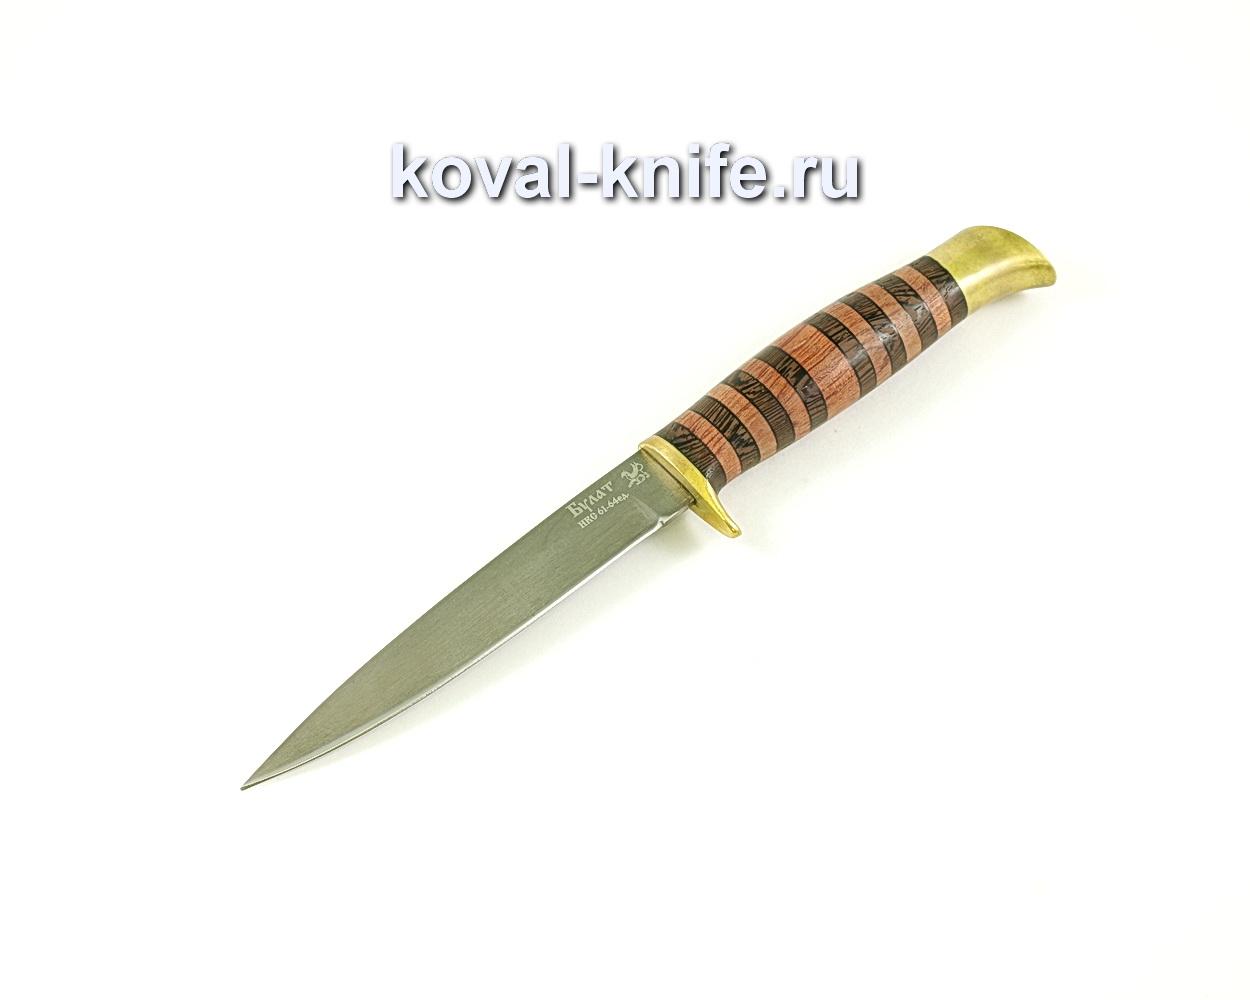 Нож Коготь (сталь Булат), рукоять венге, бубинга, литье A057